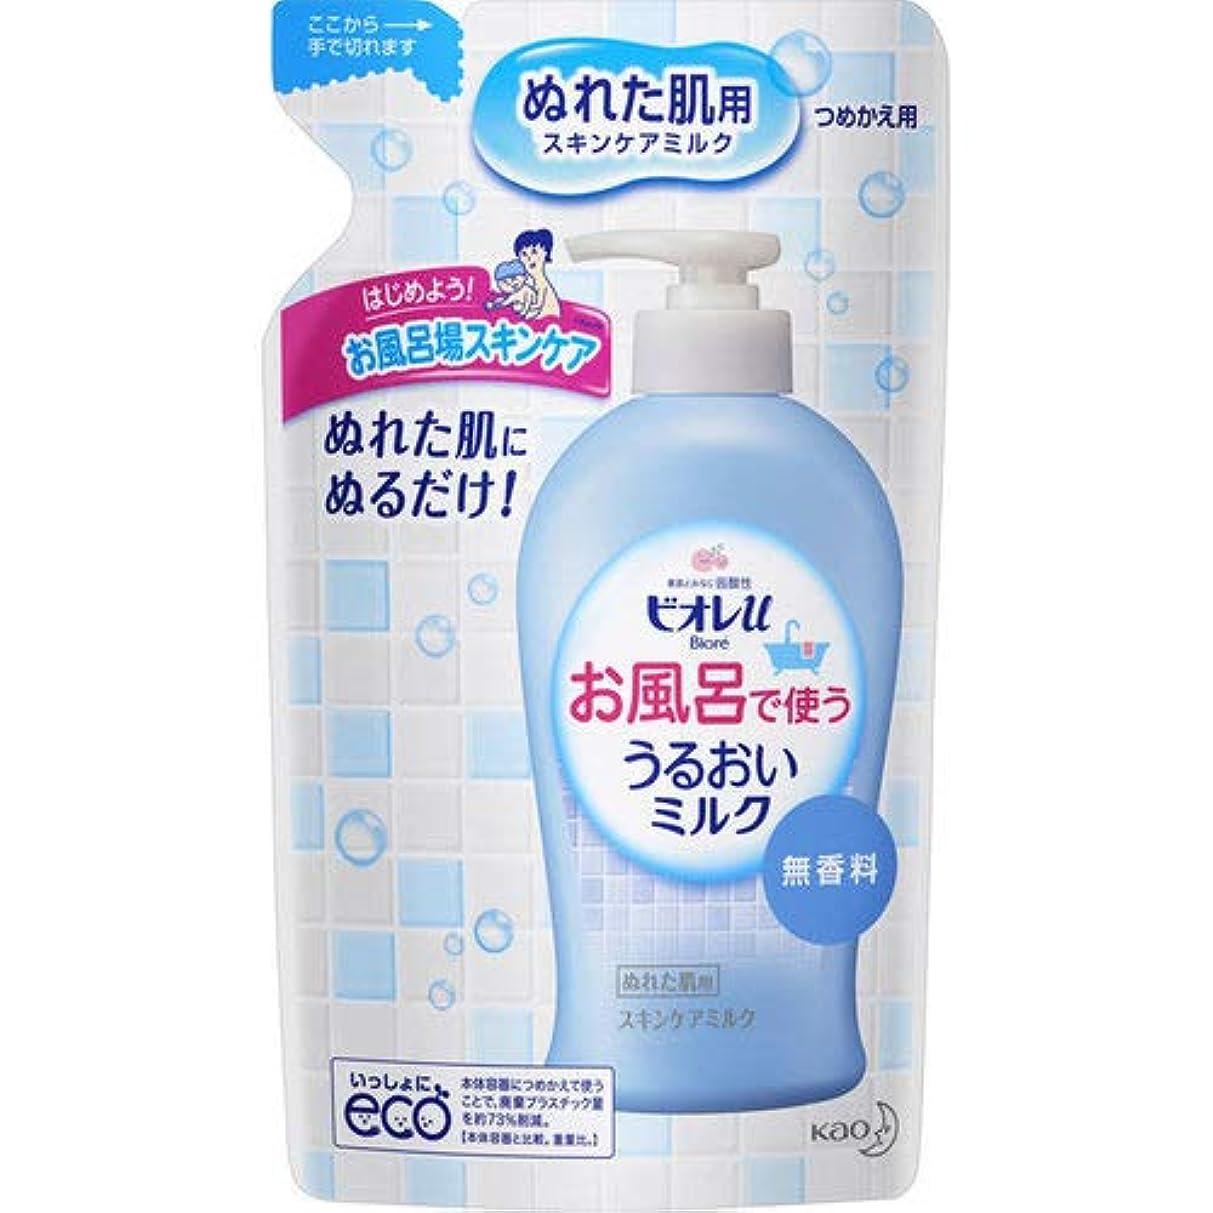 失速影響アシスタントビオレu お風呂で使ううるおいミルク 無香料 つめかえ用 250mL